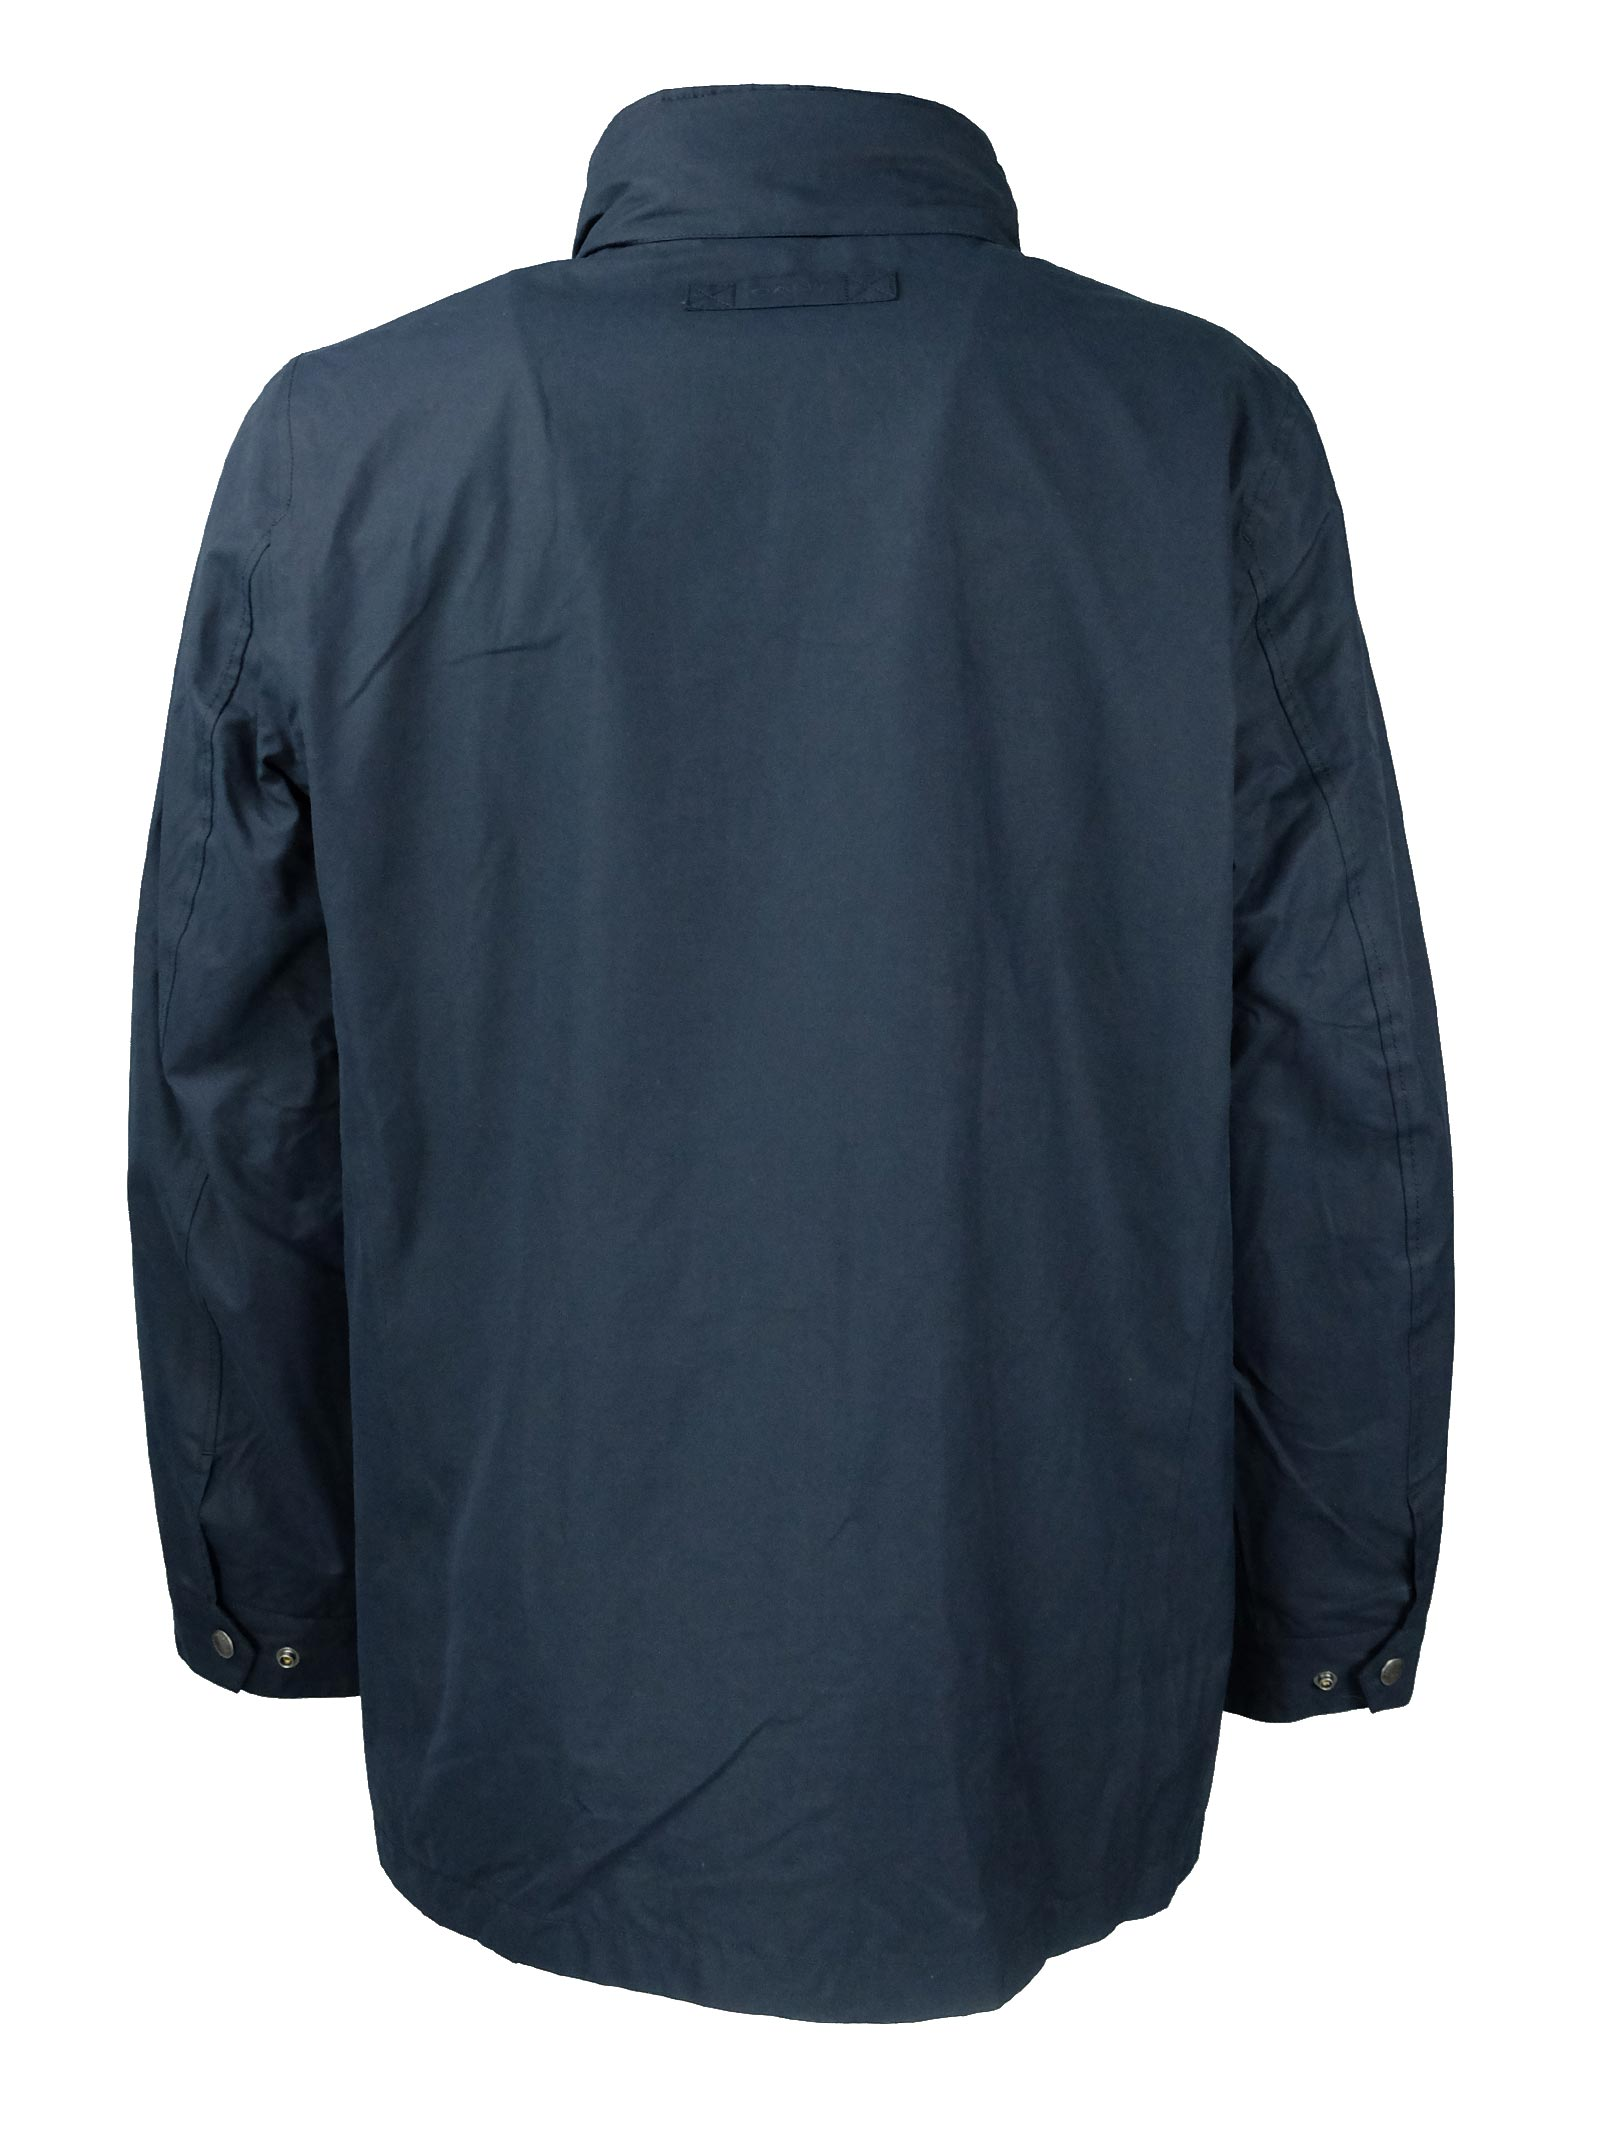 LONG JACKET GANT | Jackets | 7006115405